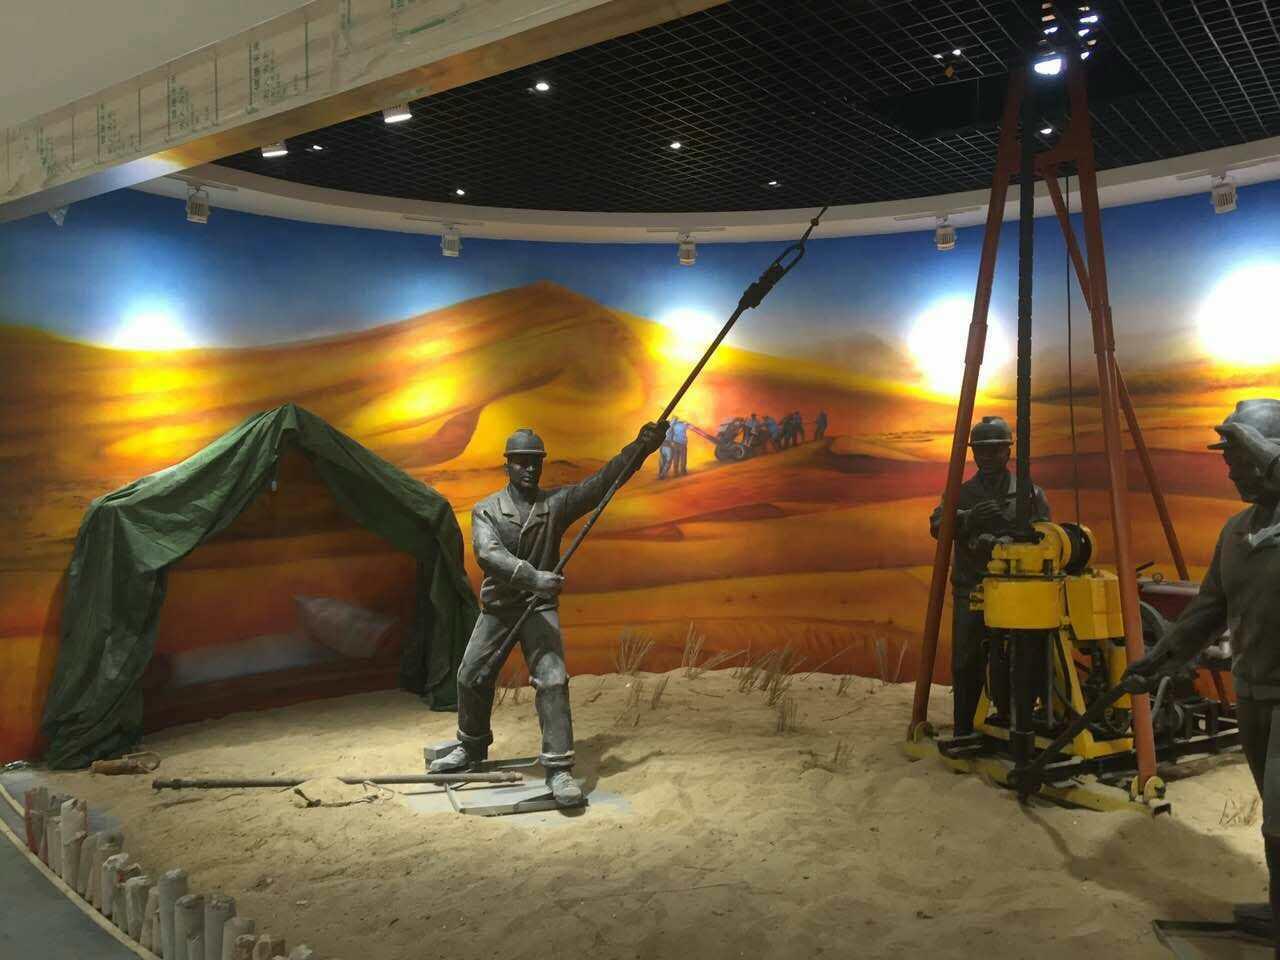 【场景复原项目案例】——山东泰安地质博物馆